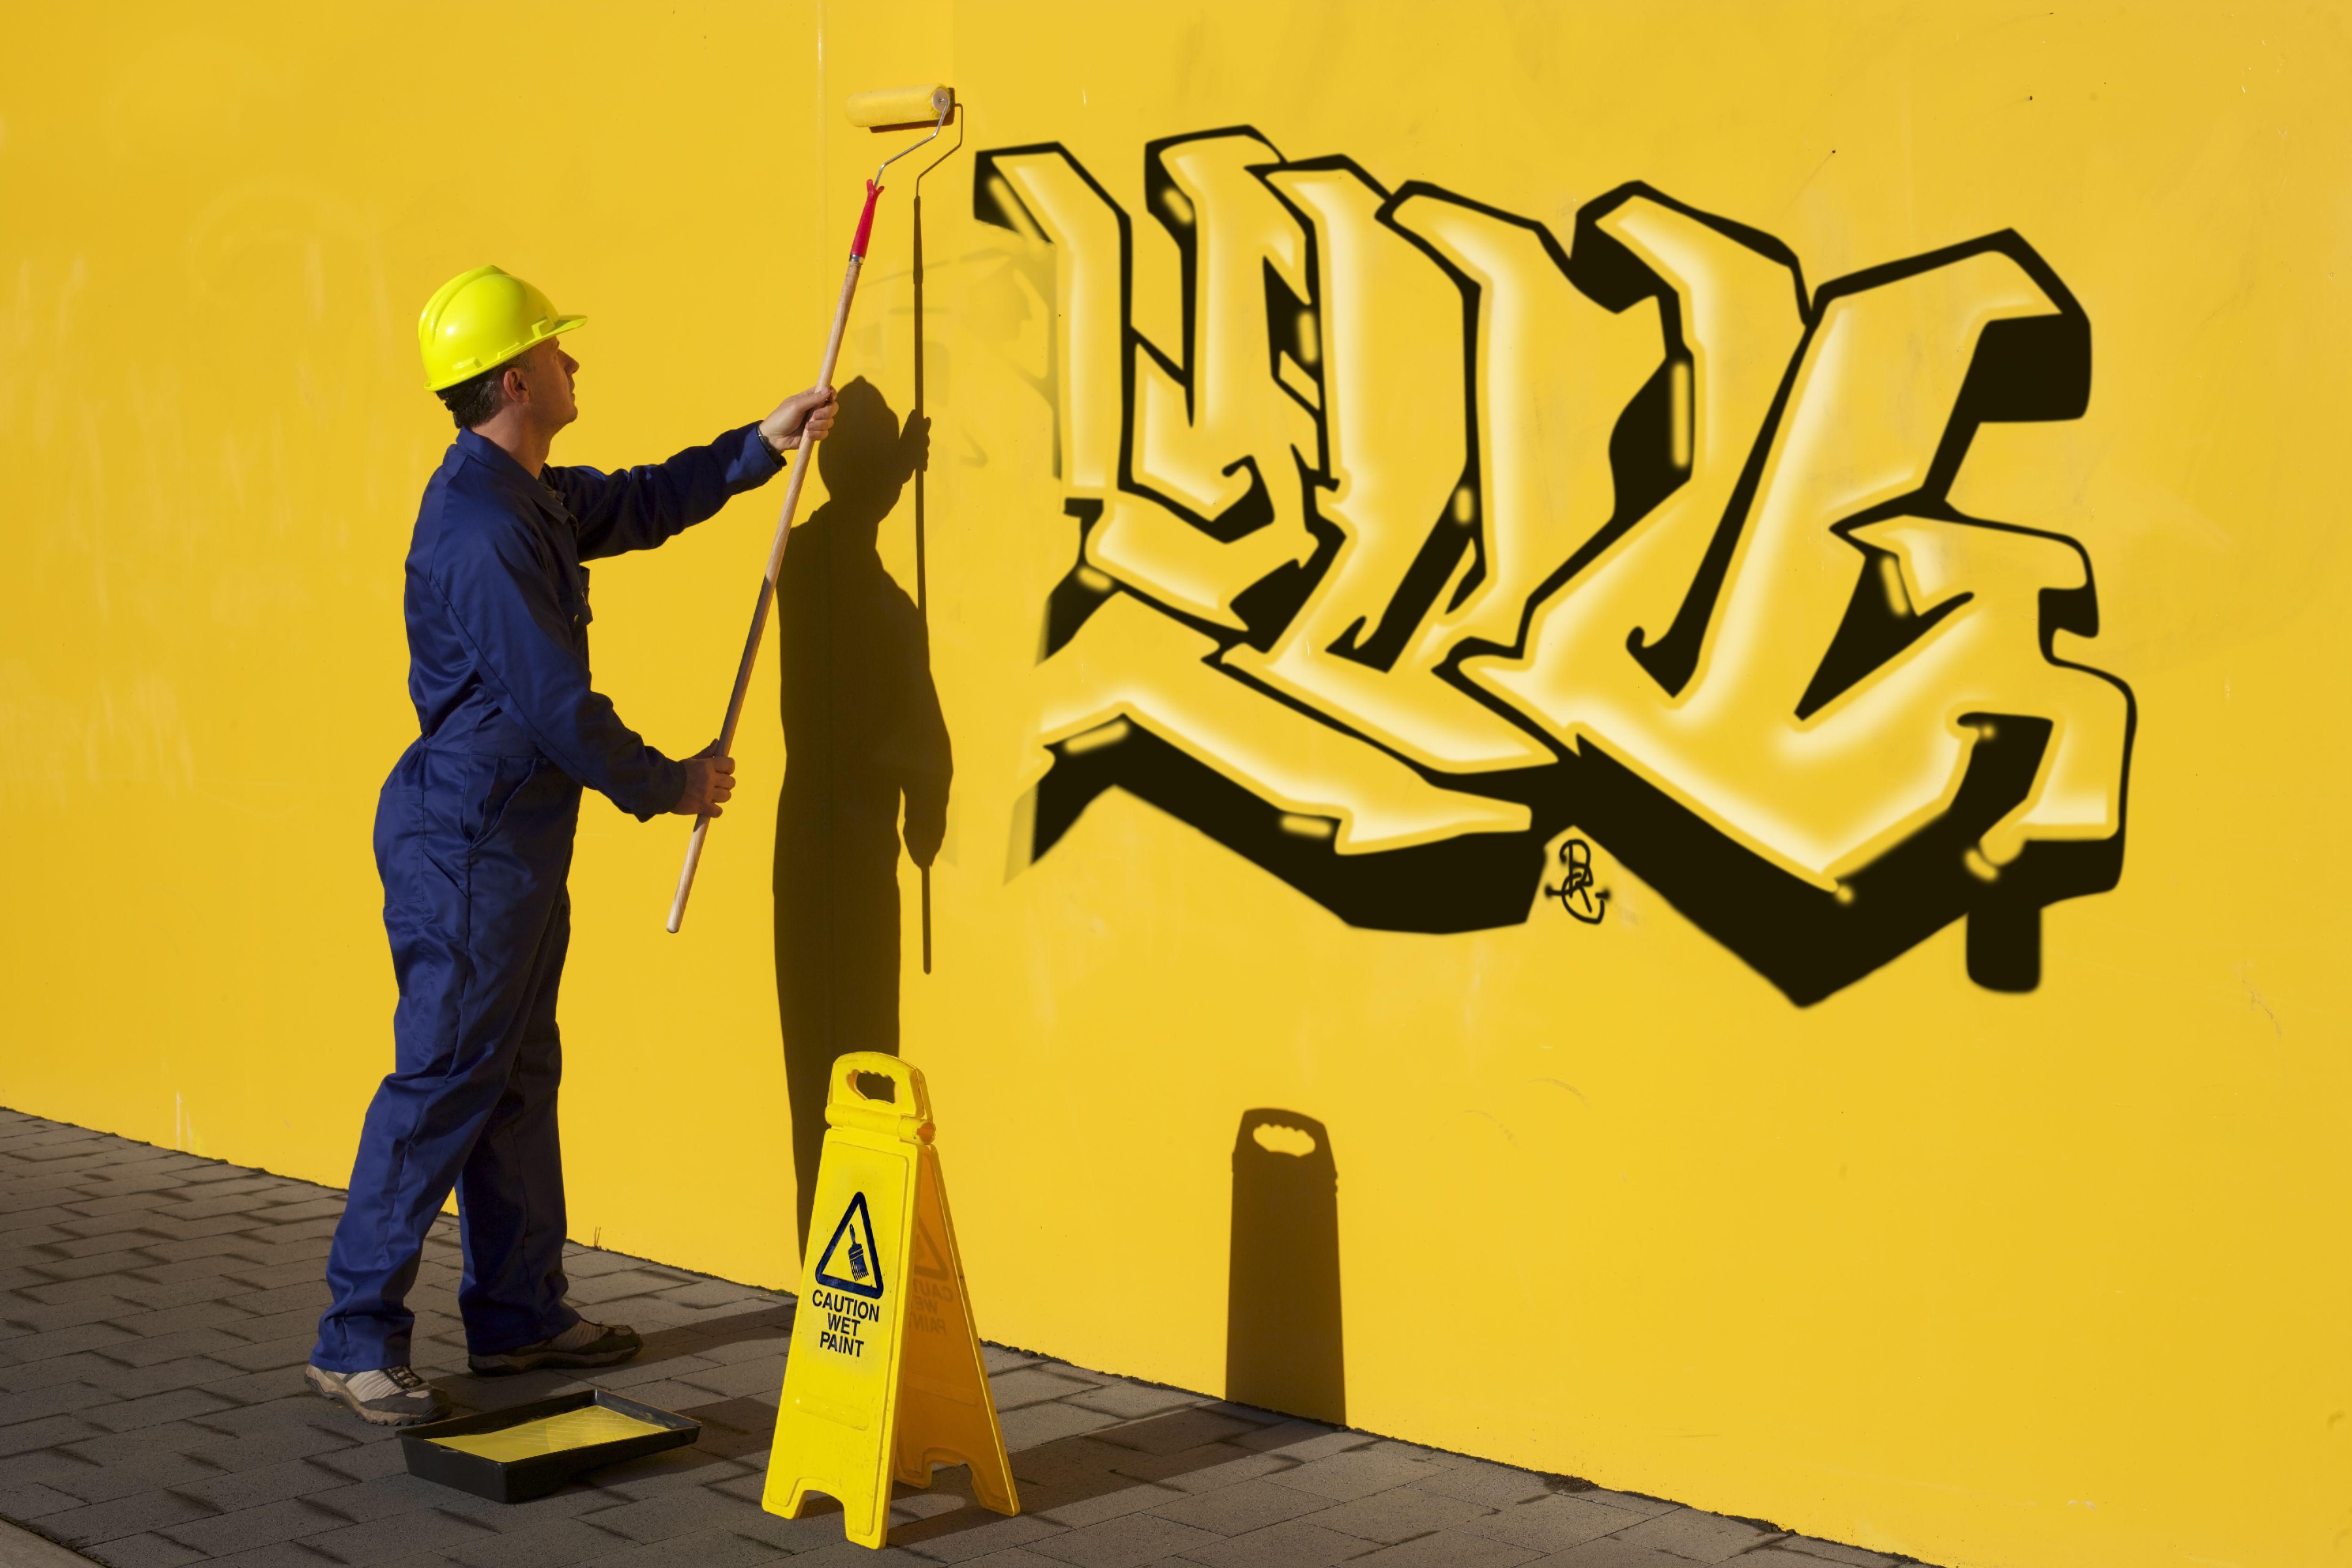 Limpieza de graffitis: Servicios de Limpiezas Cruci